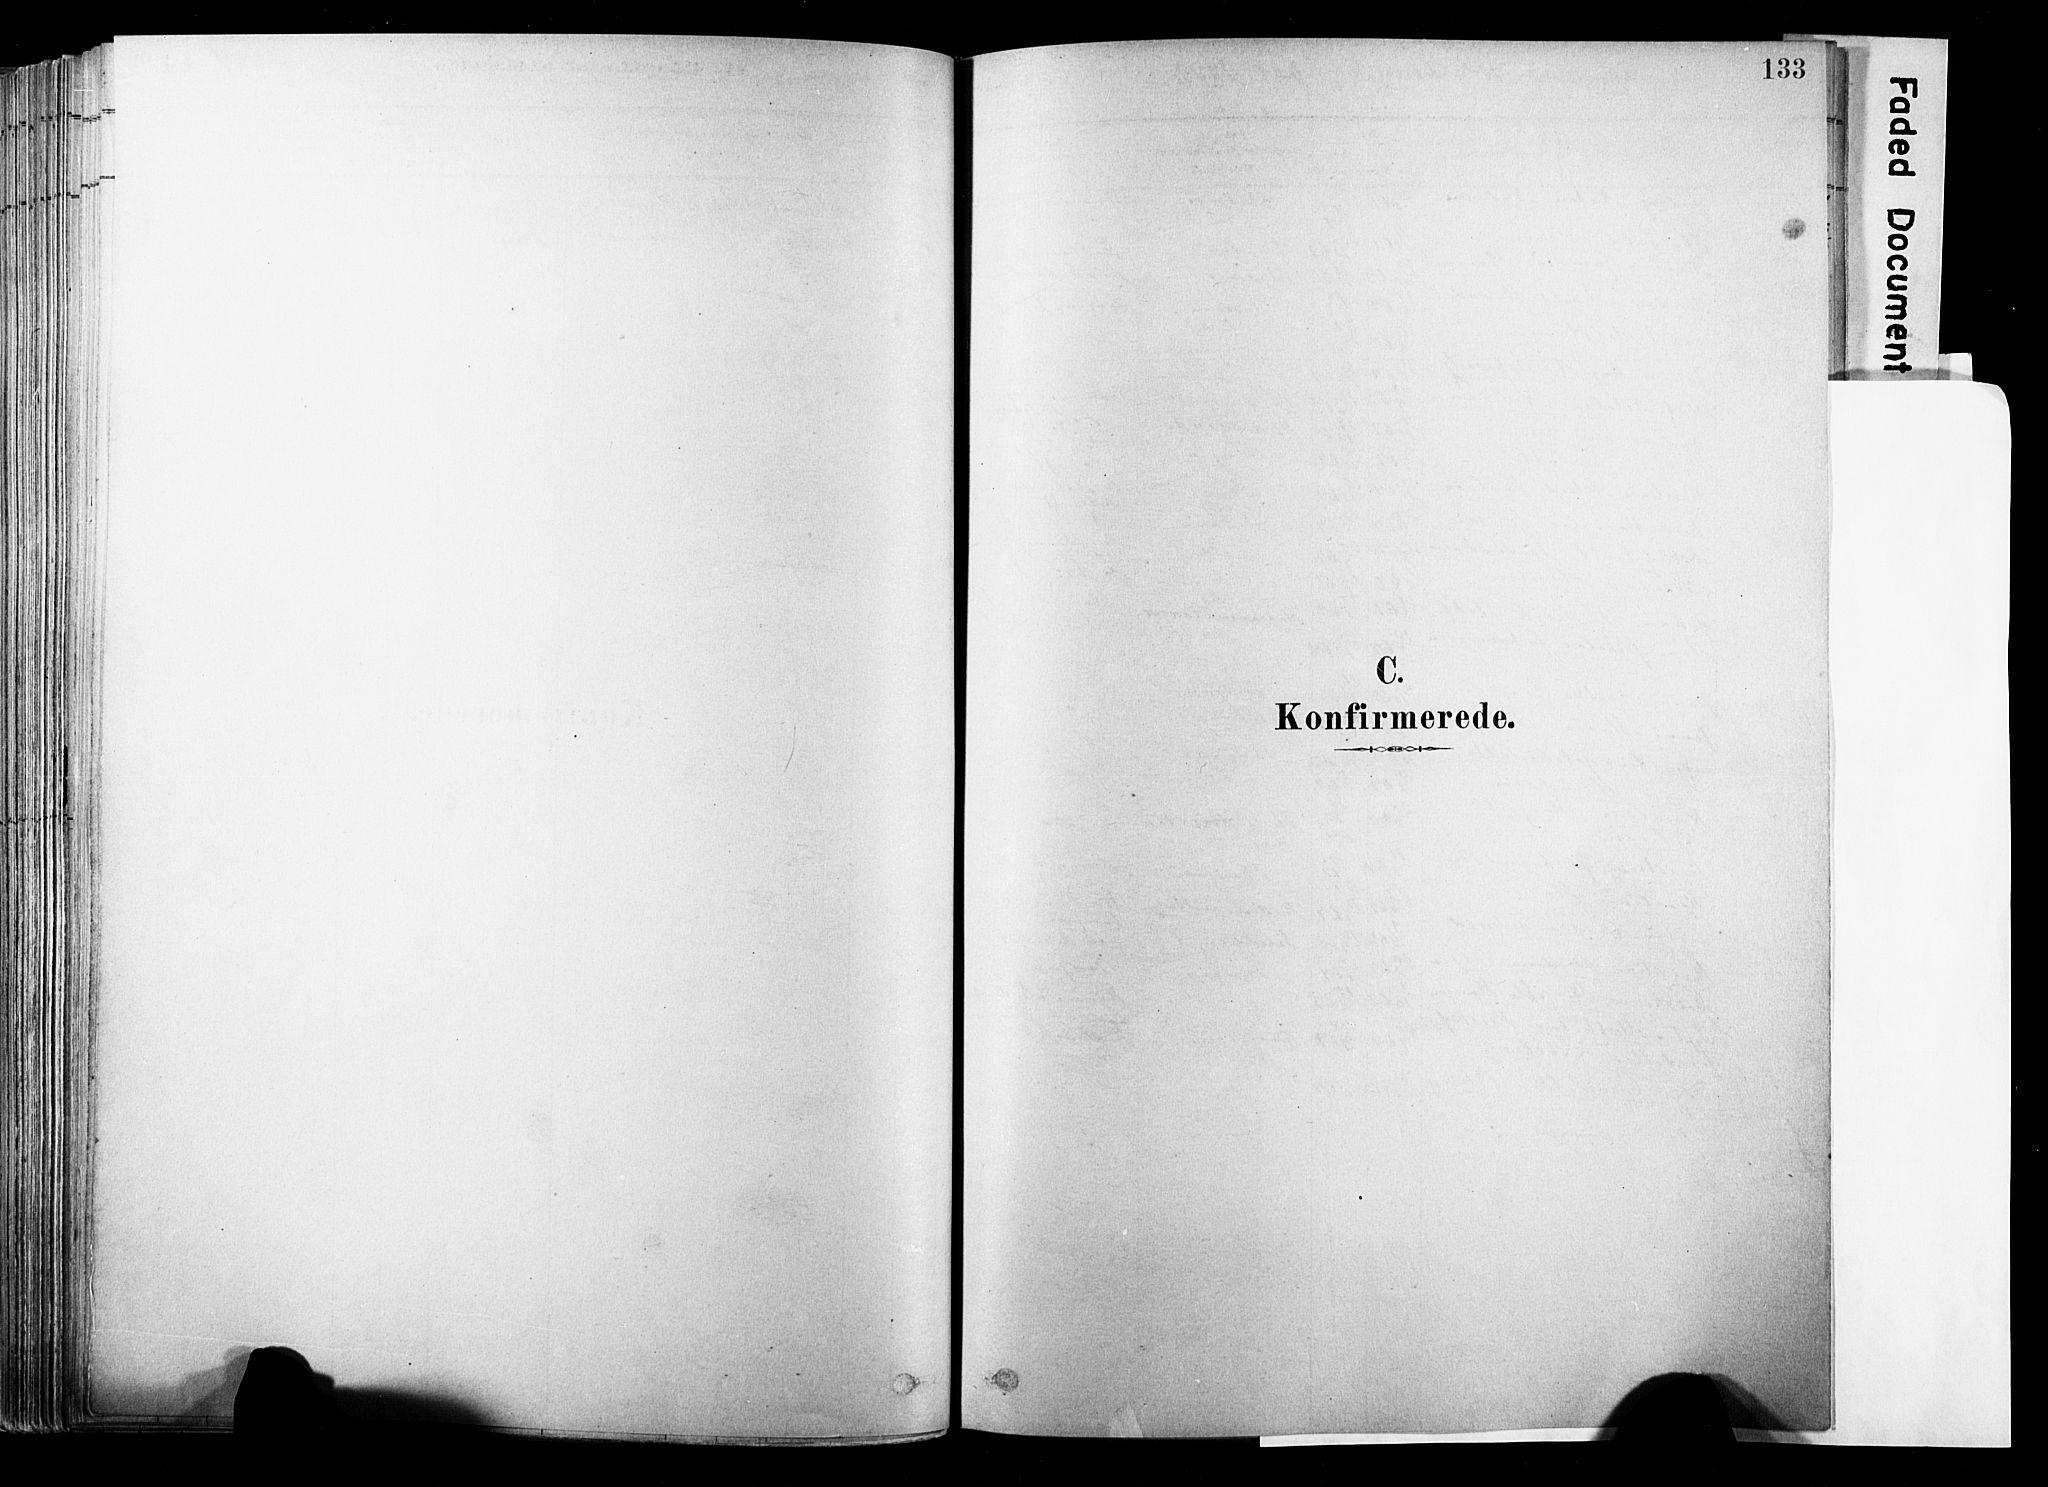 SAKO, Strømsø kirkebøker, F/Fb/L0006: Ministerialbok nr. II 6, 1879-1910, s. 133